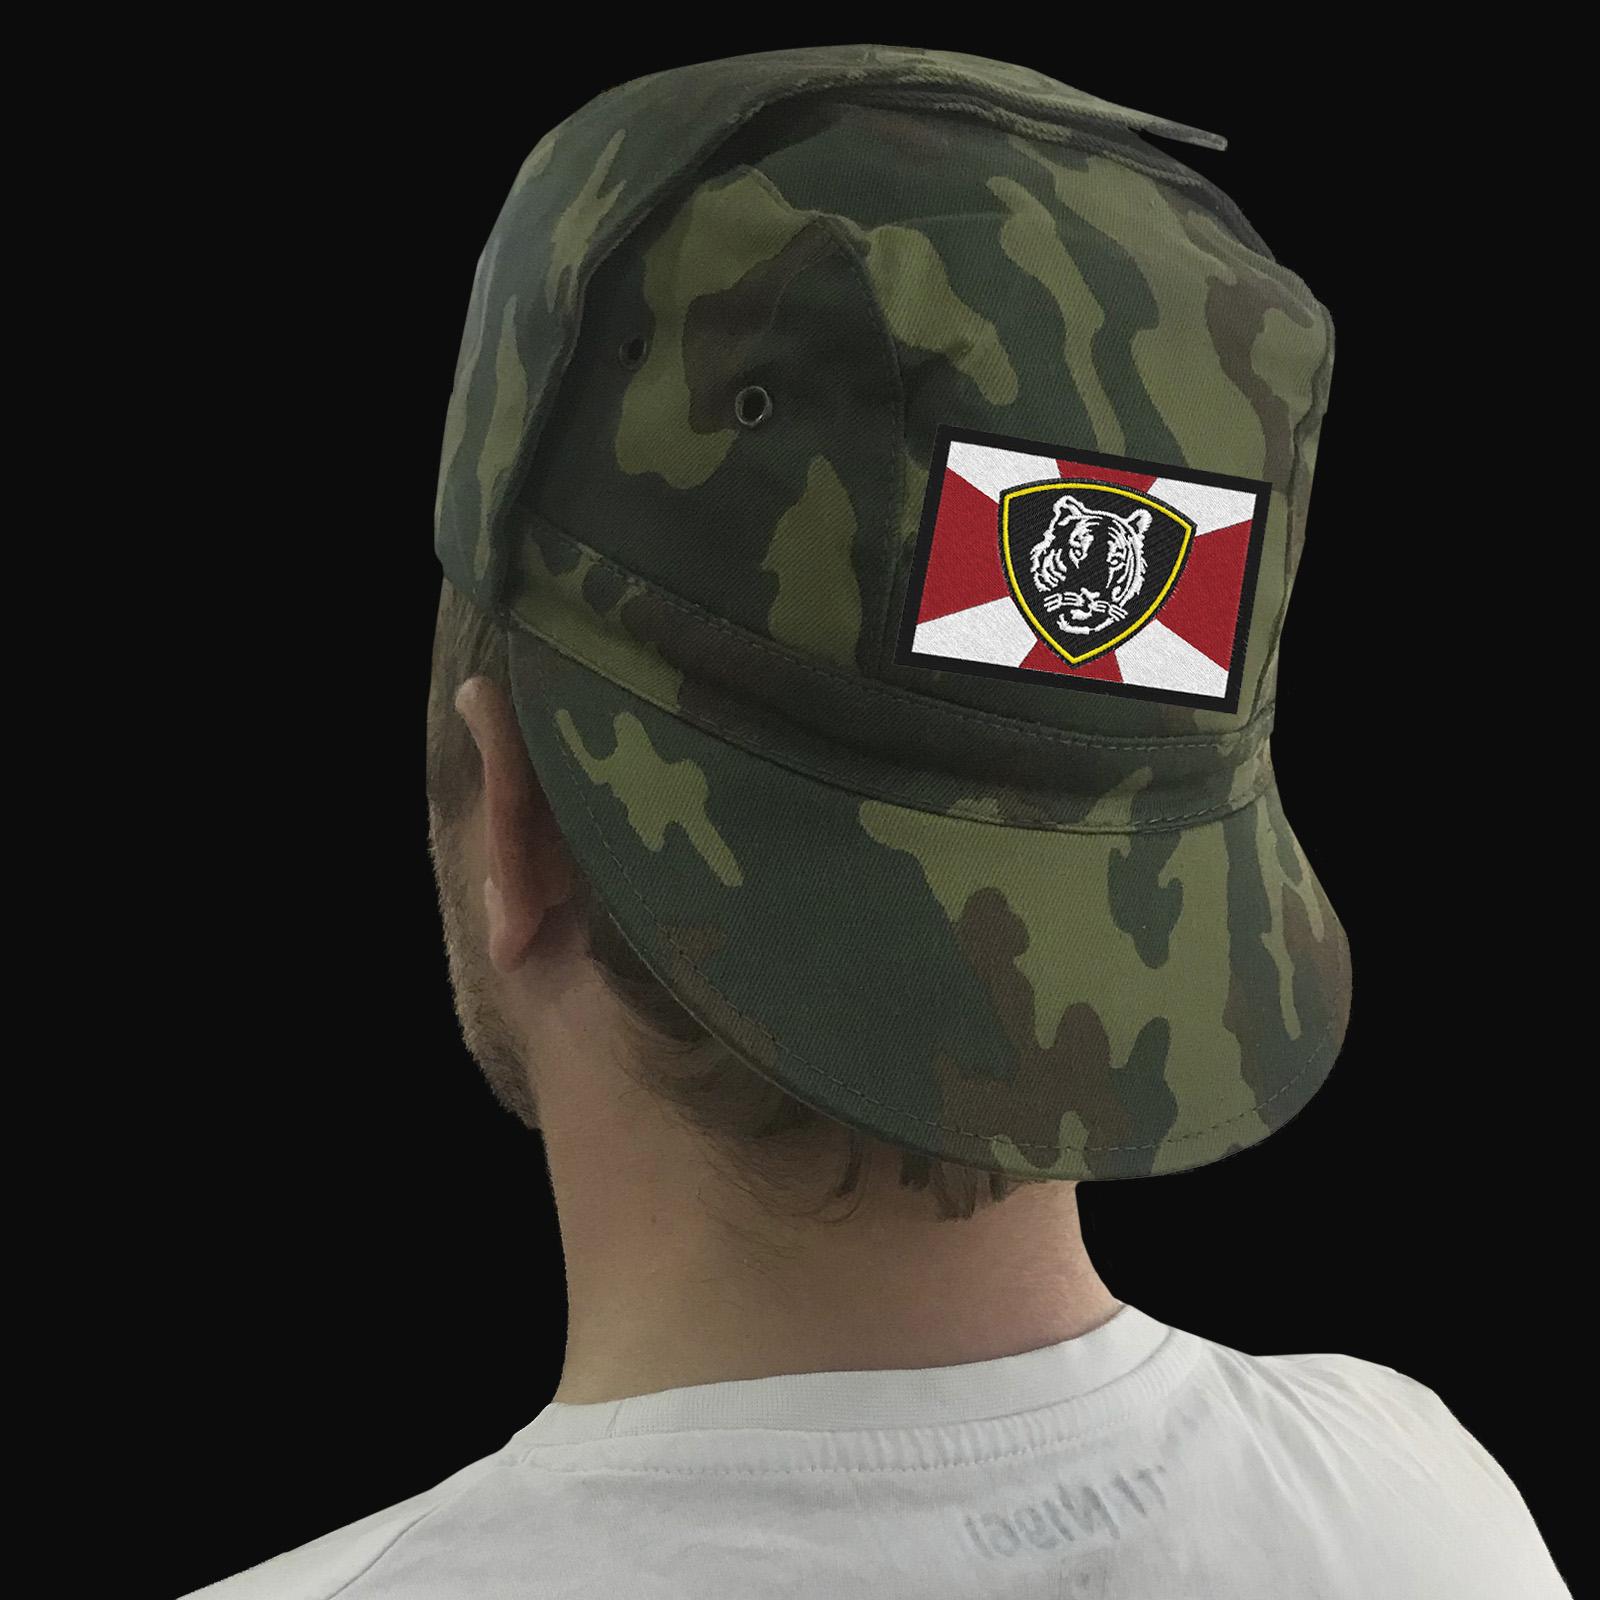 Купить в интернет магазине кепку с эмблемой Восточного регионального командования ВВ МВД России